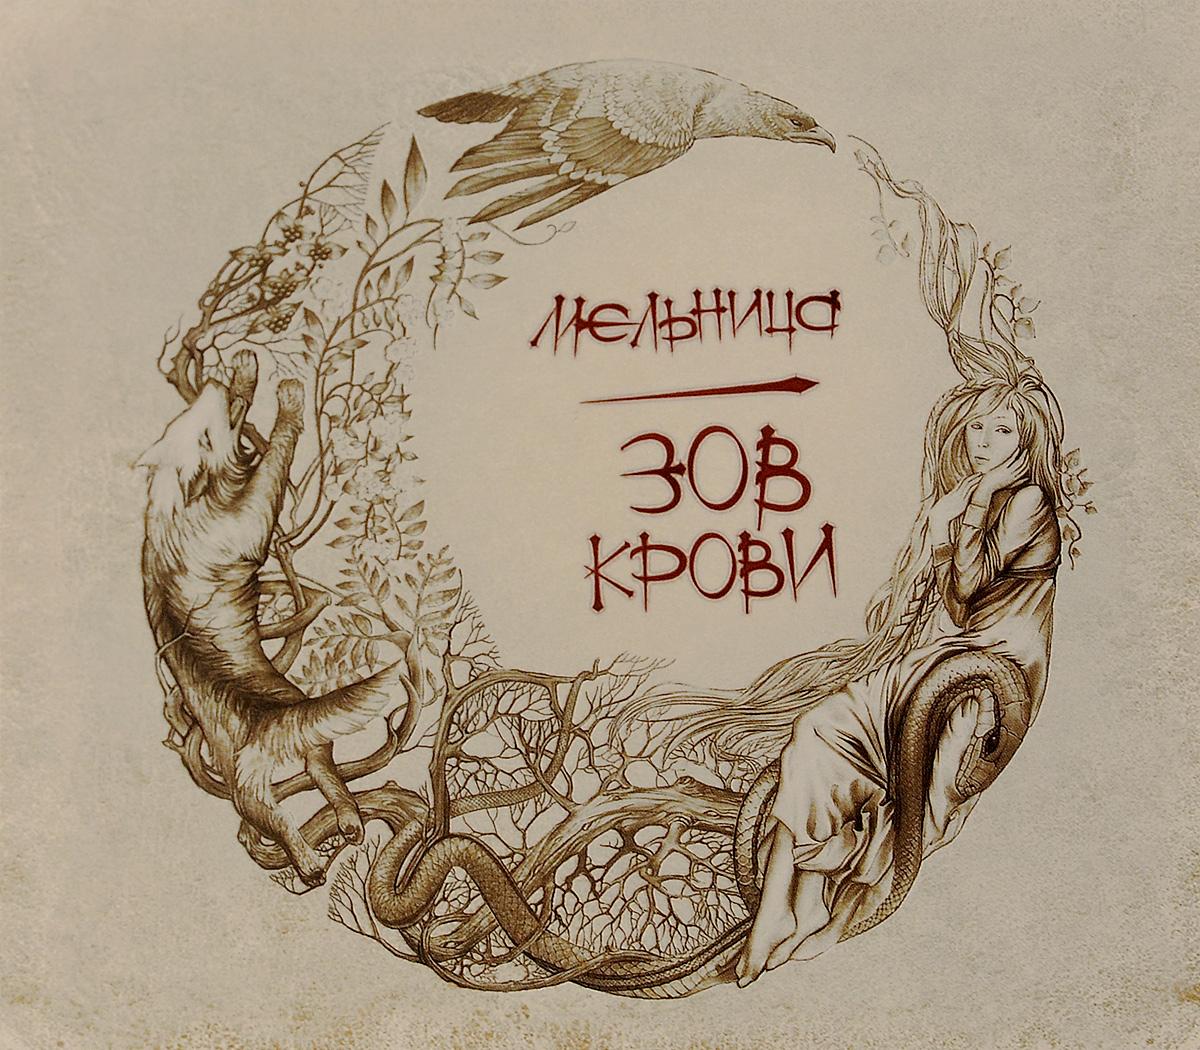 Издание содержит иллюстрированный буклет с текстами песен на русском языке.